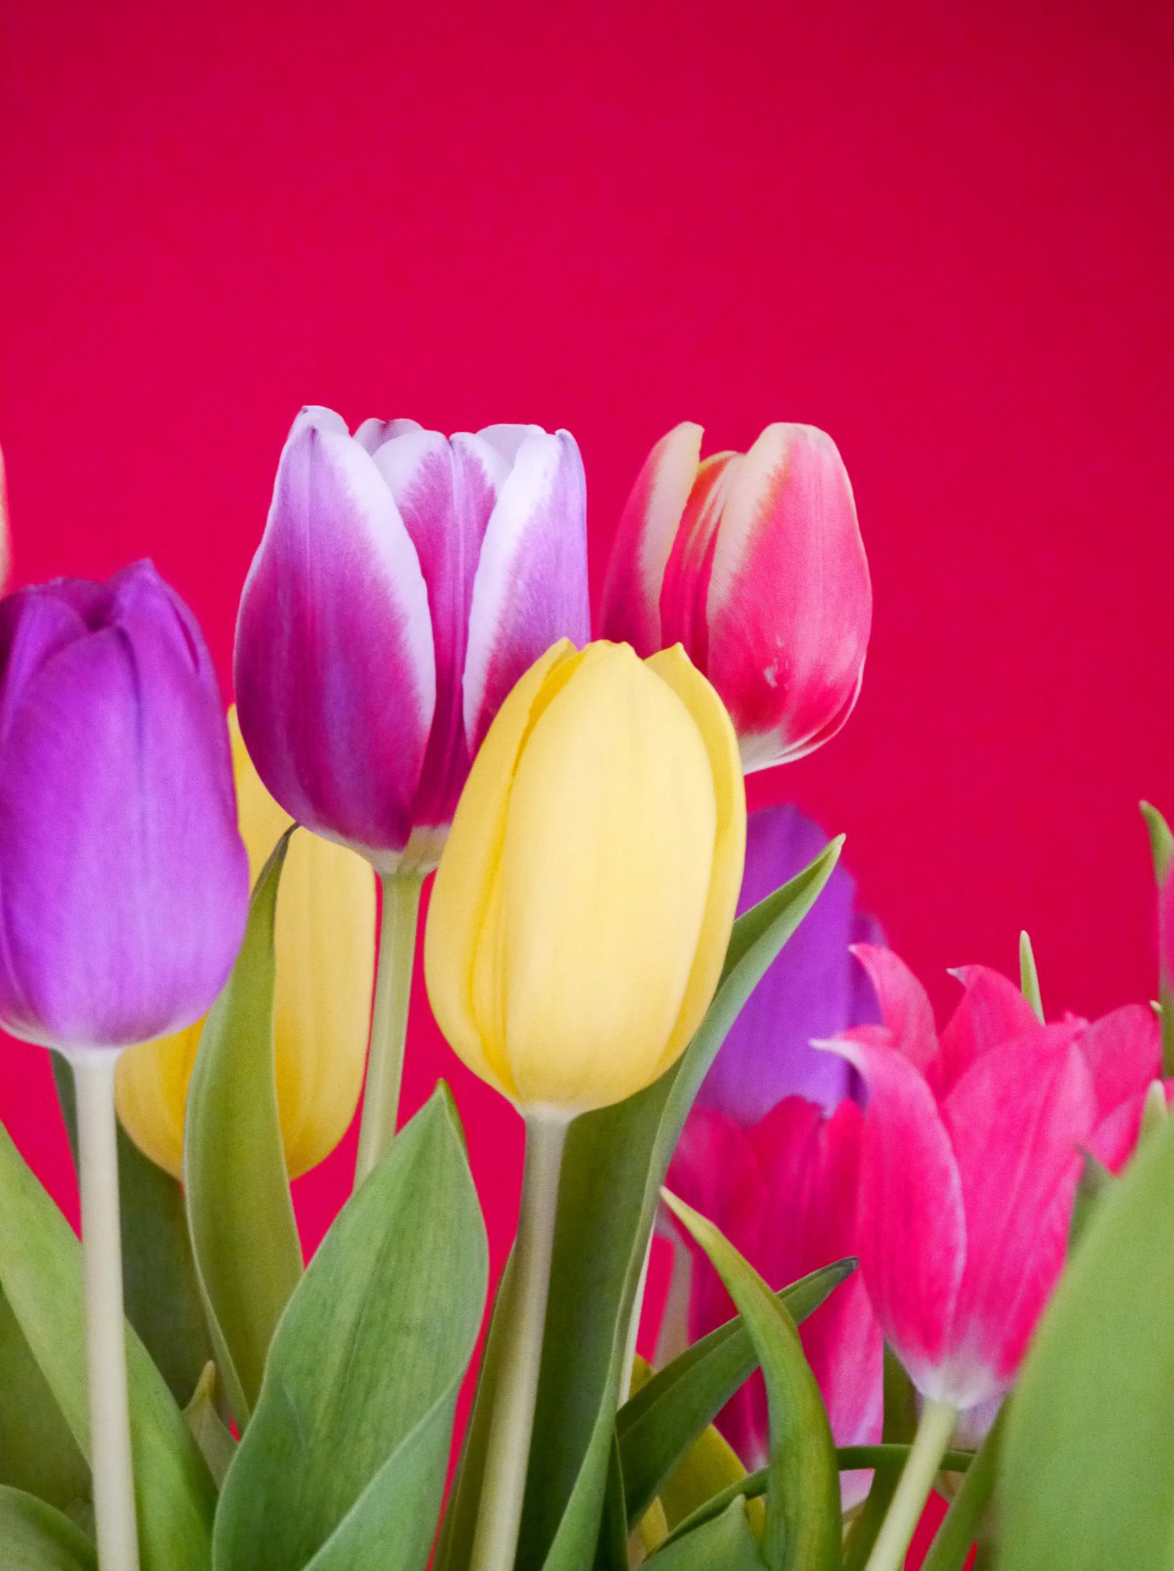 tulip-photo-169